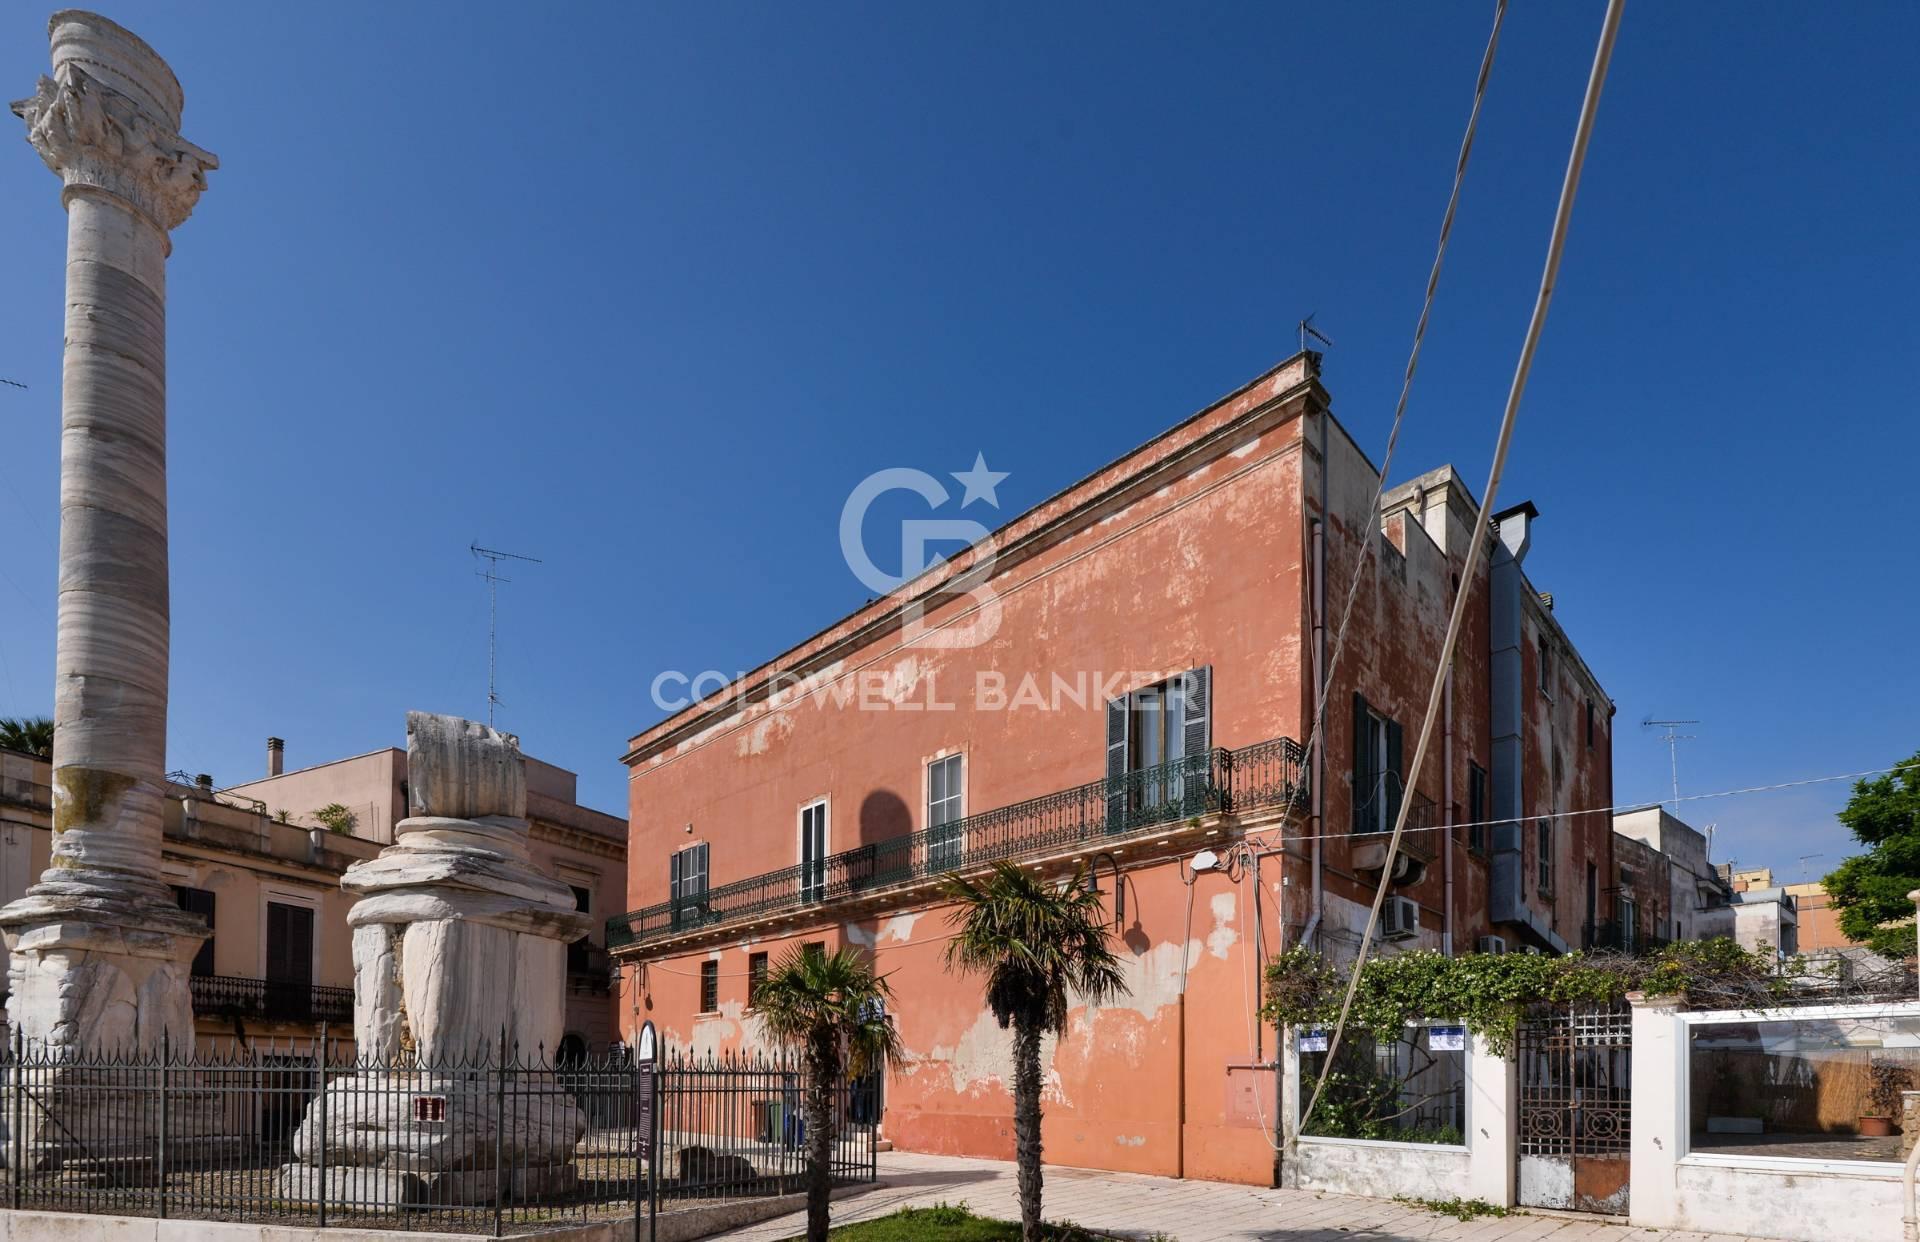 Negozio / Locale in vendita a Brindisi, 9999 locali, prezzo € 520.000 | CambioCasa.it